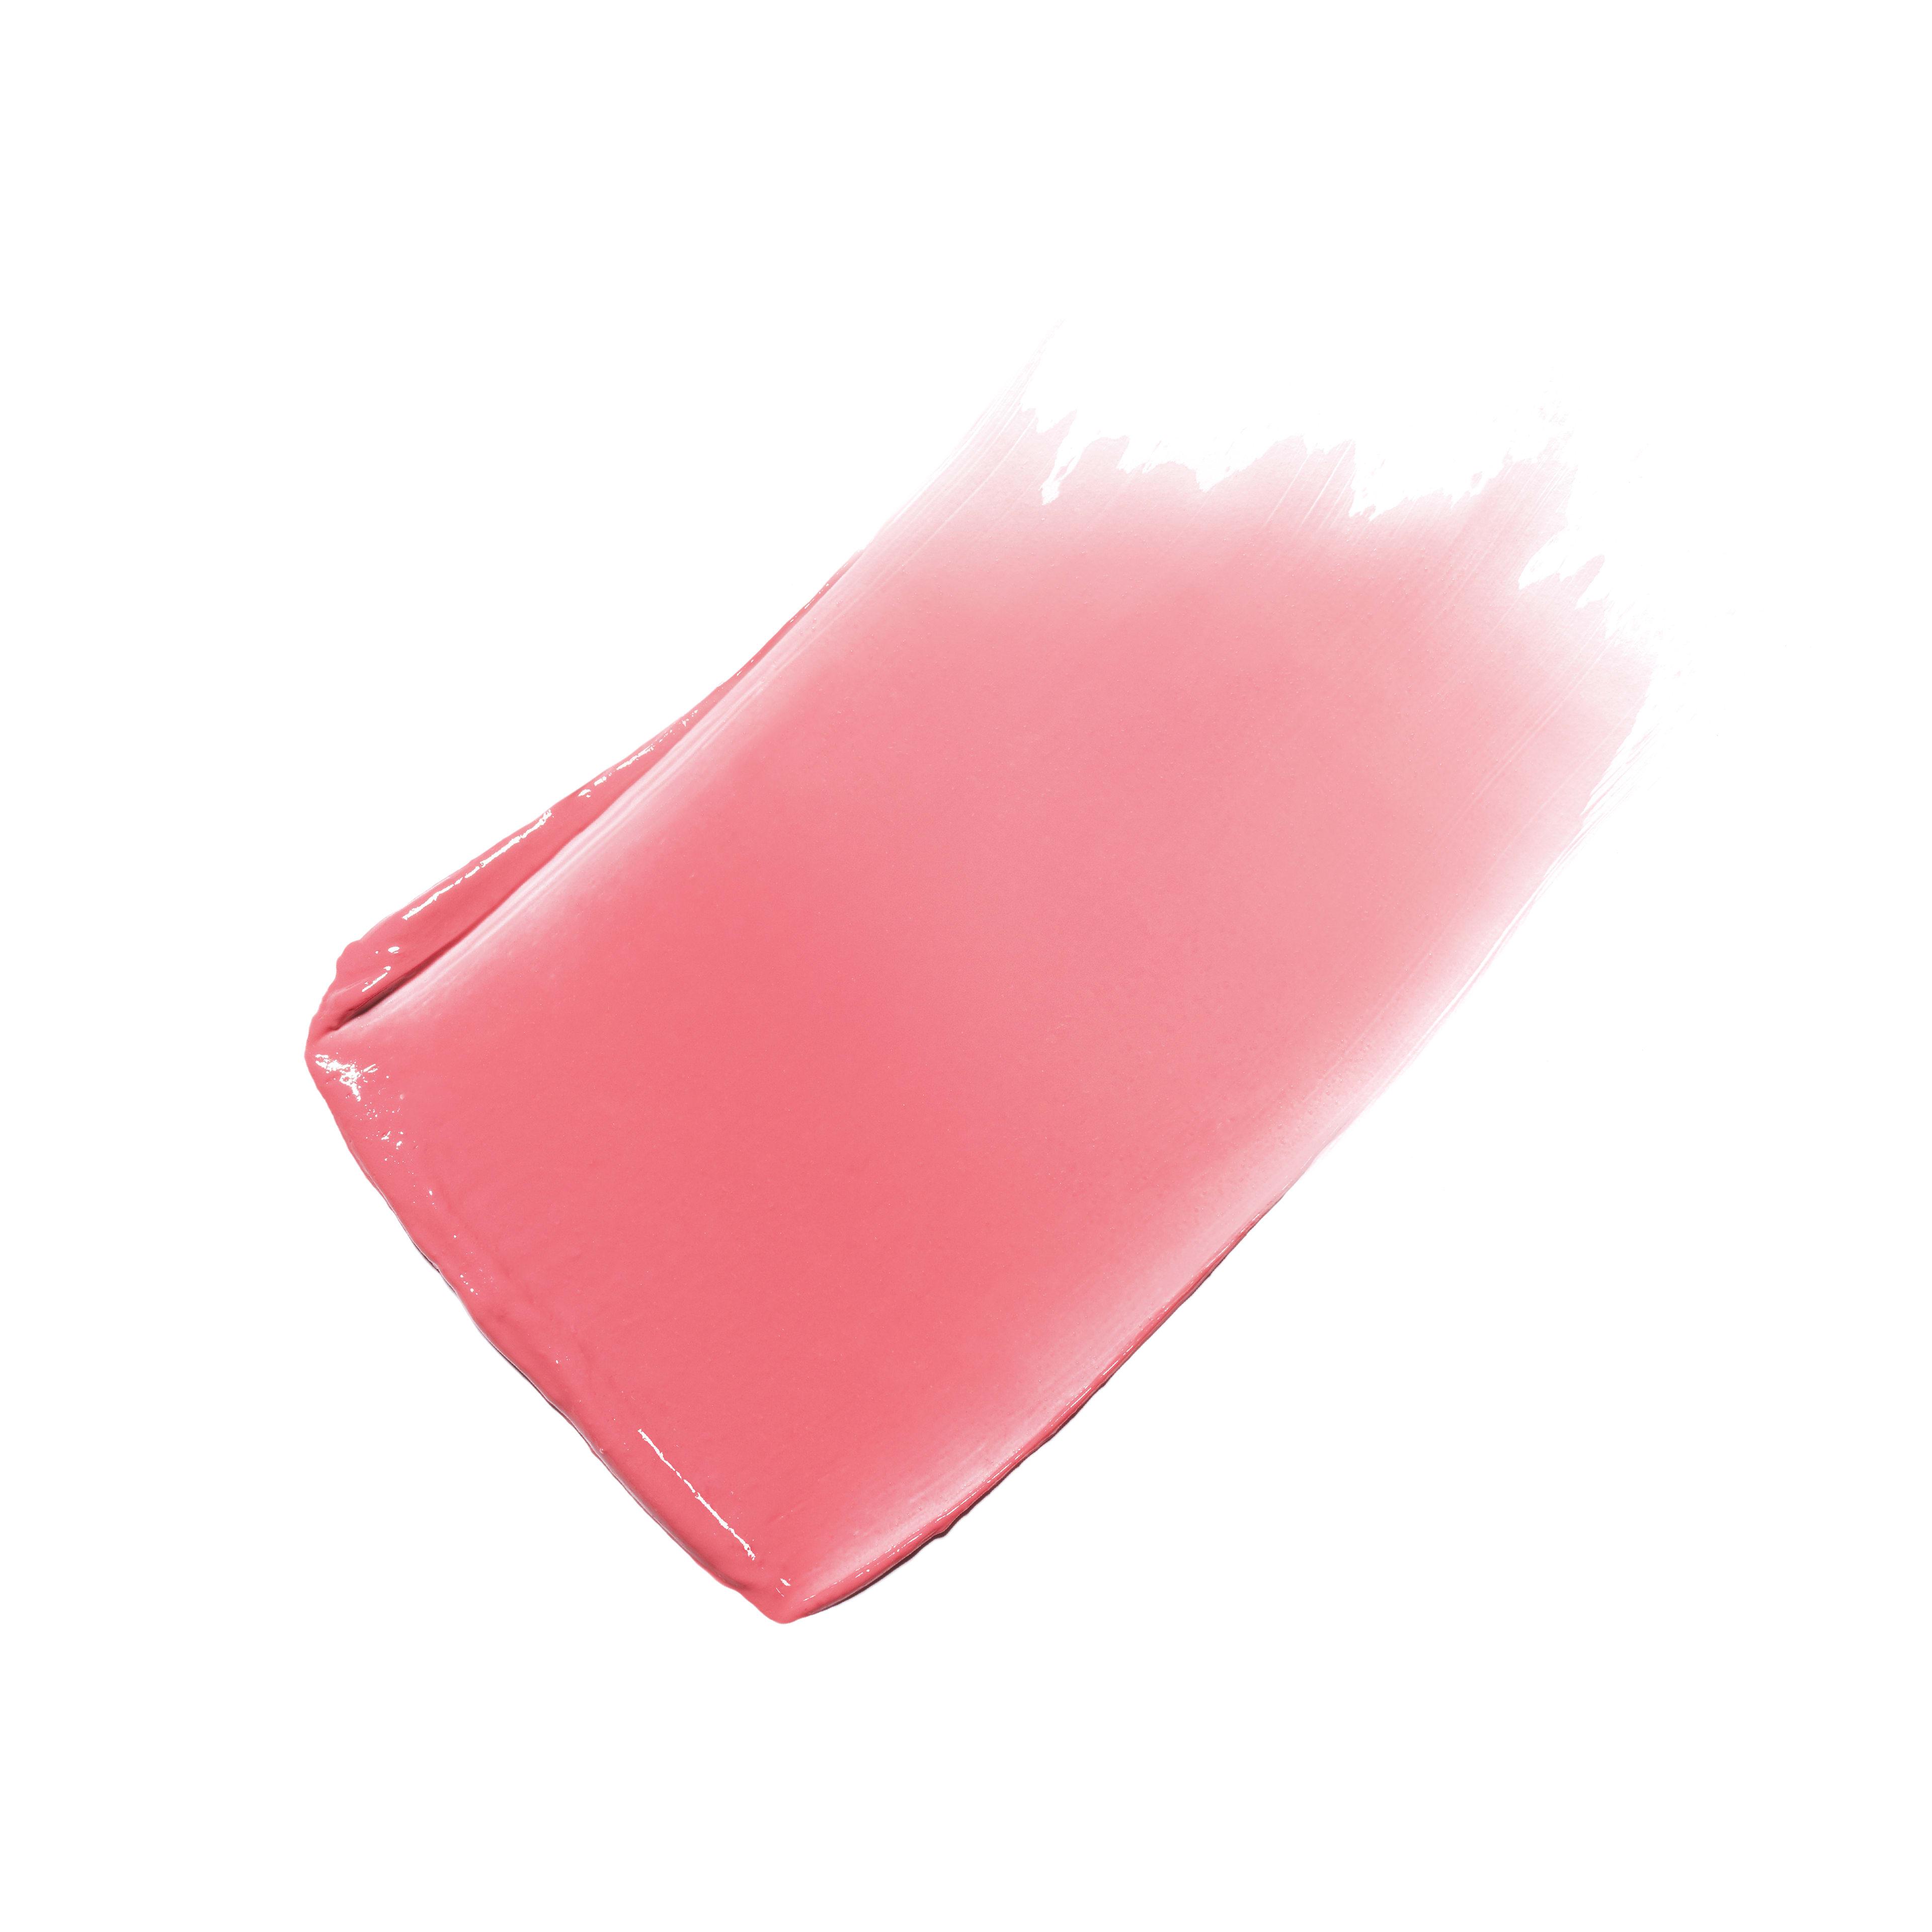 香奈兒米色時尚系列 - makeup - 3g - 基本質地視圖